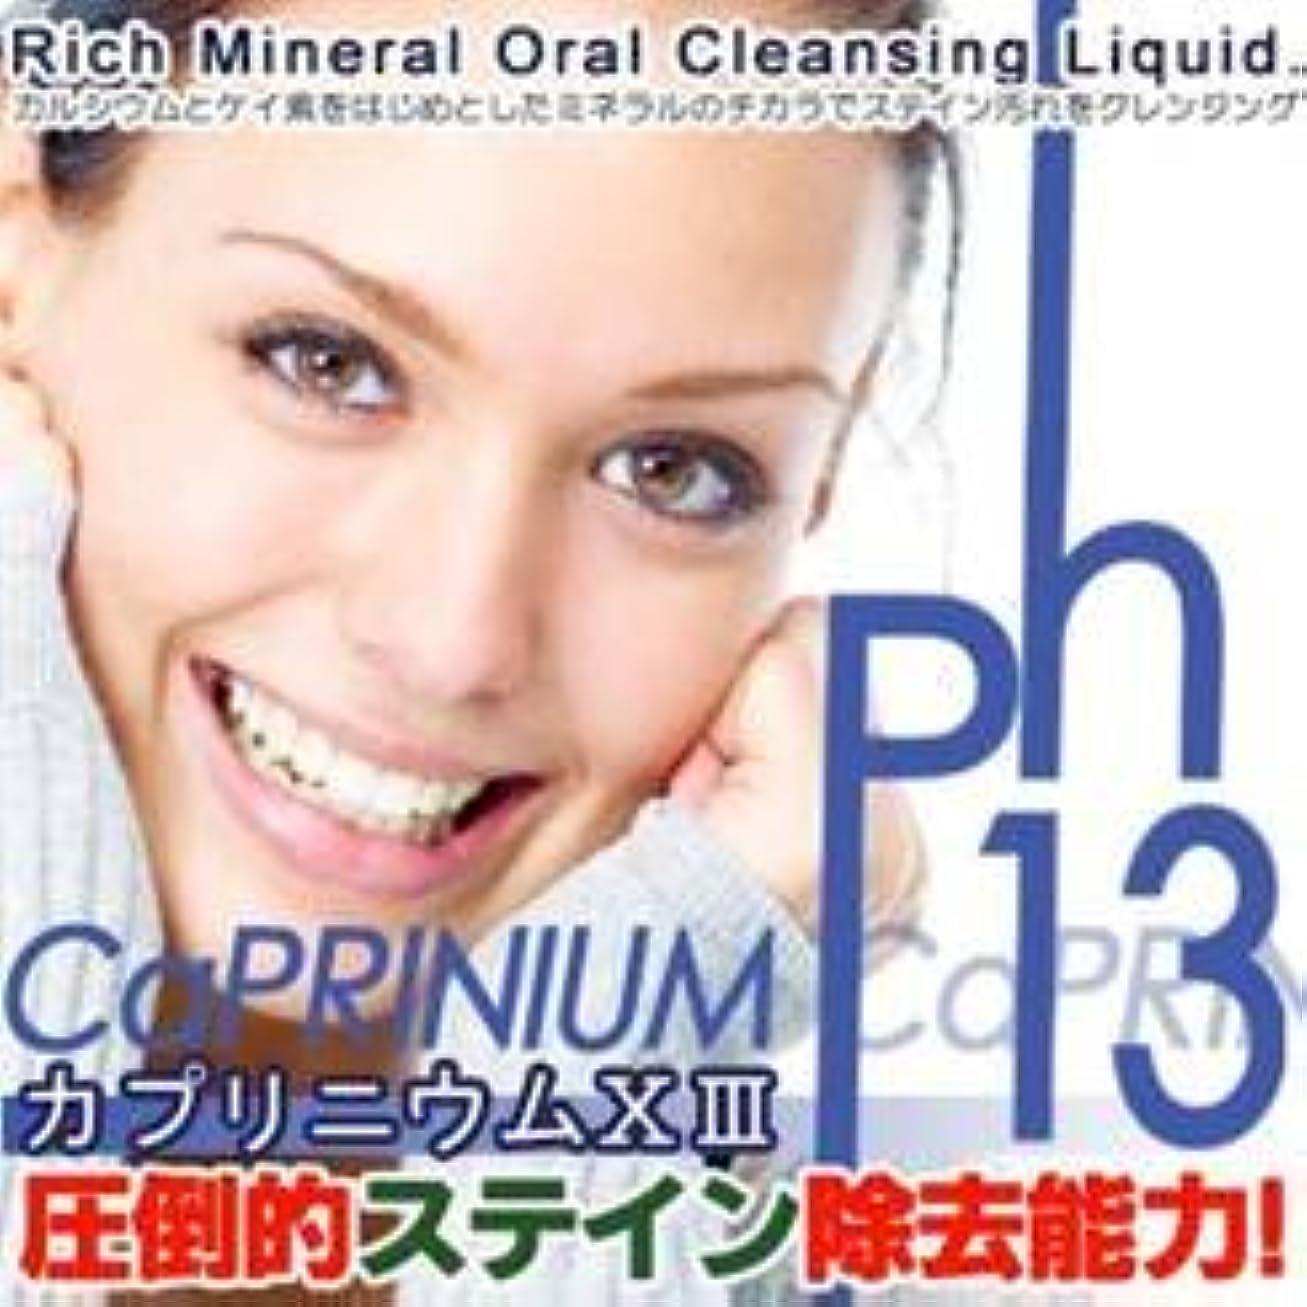 オーバーヘッドボルトつま先カプリニウムサーティーンジェル1個入(10日分) 電動歯ブラシ対応歯磨きジェル